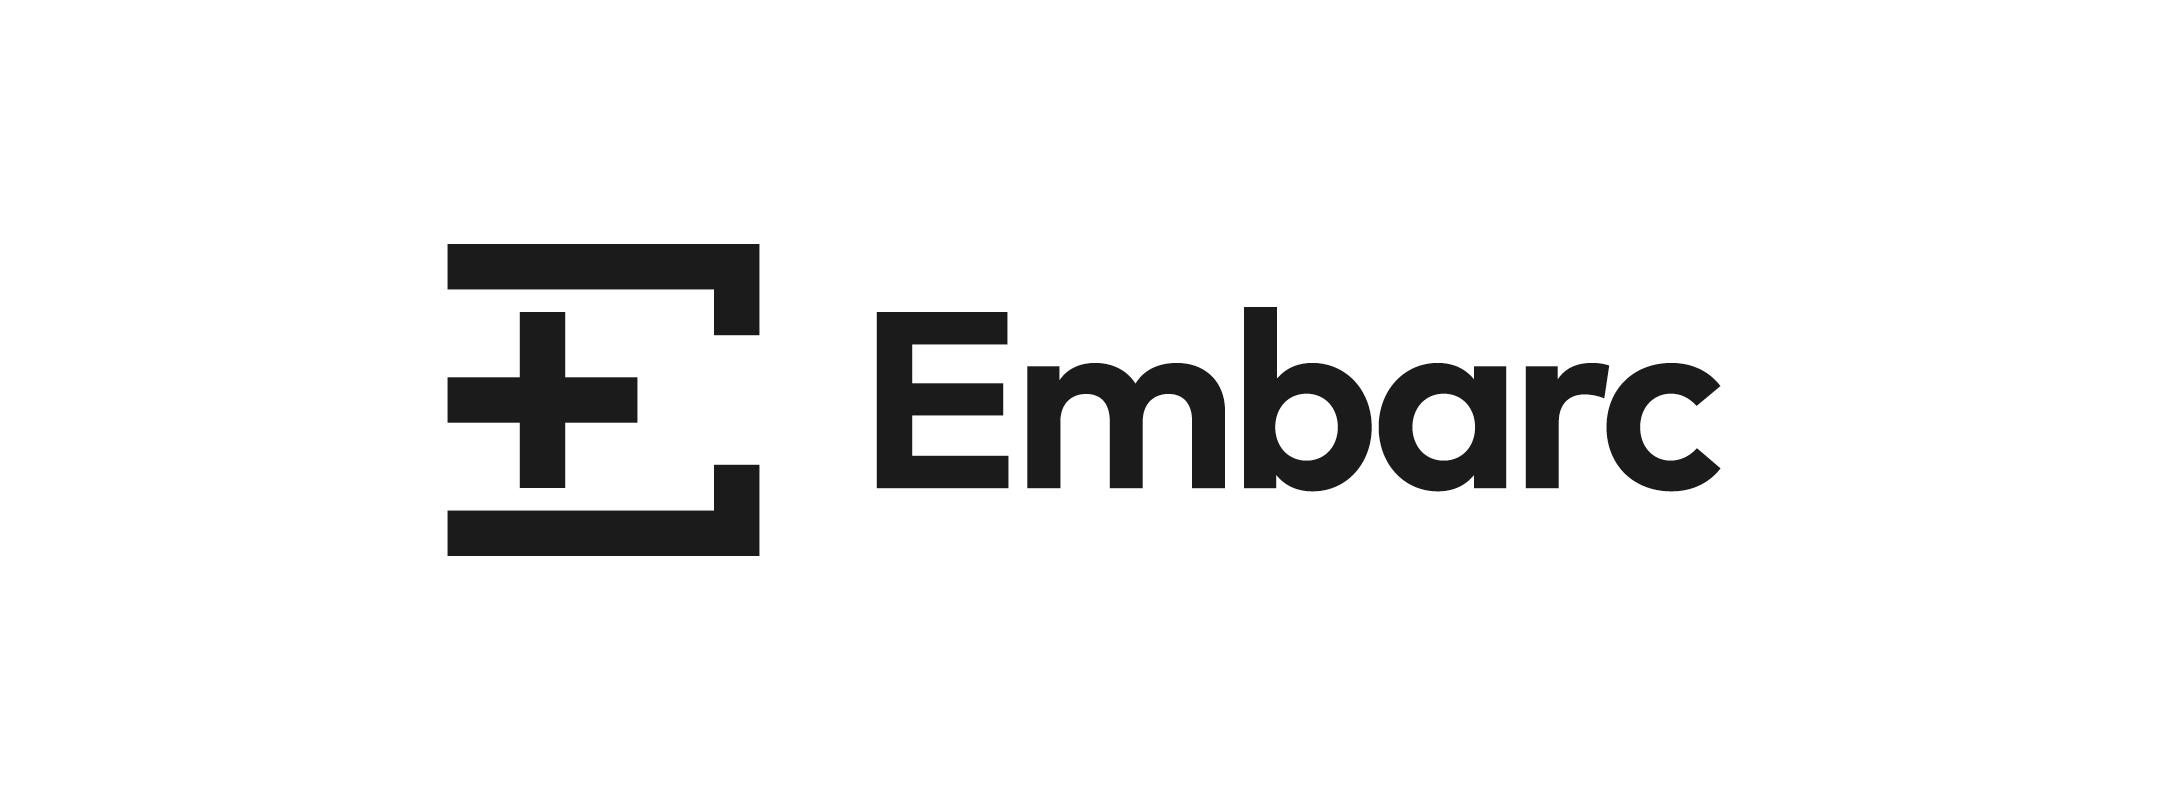 embarc_casestudy_dodsite2.jpg